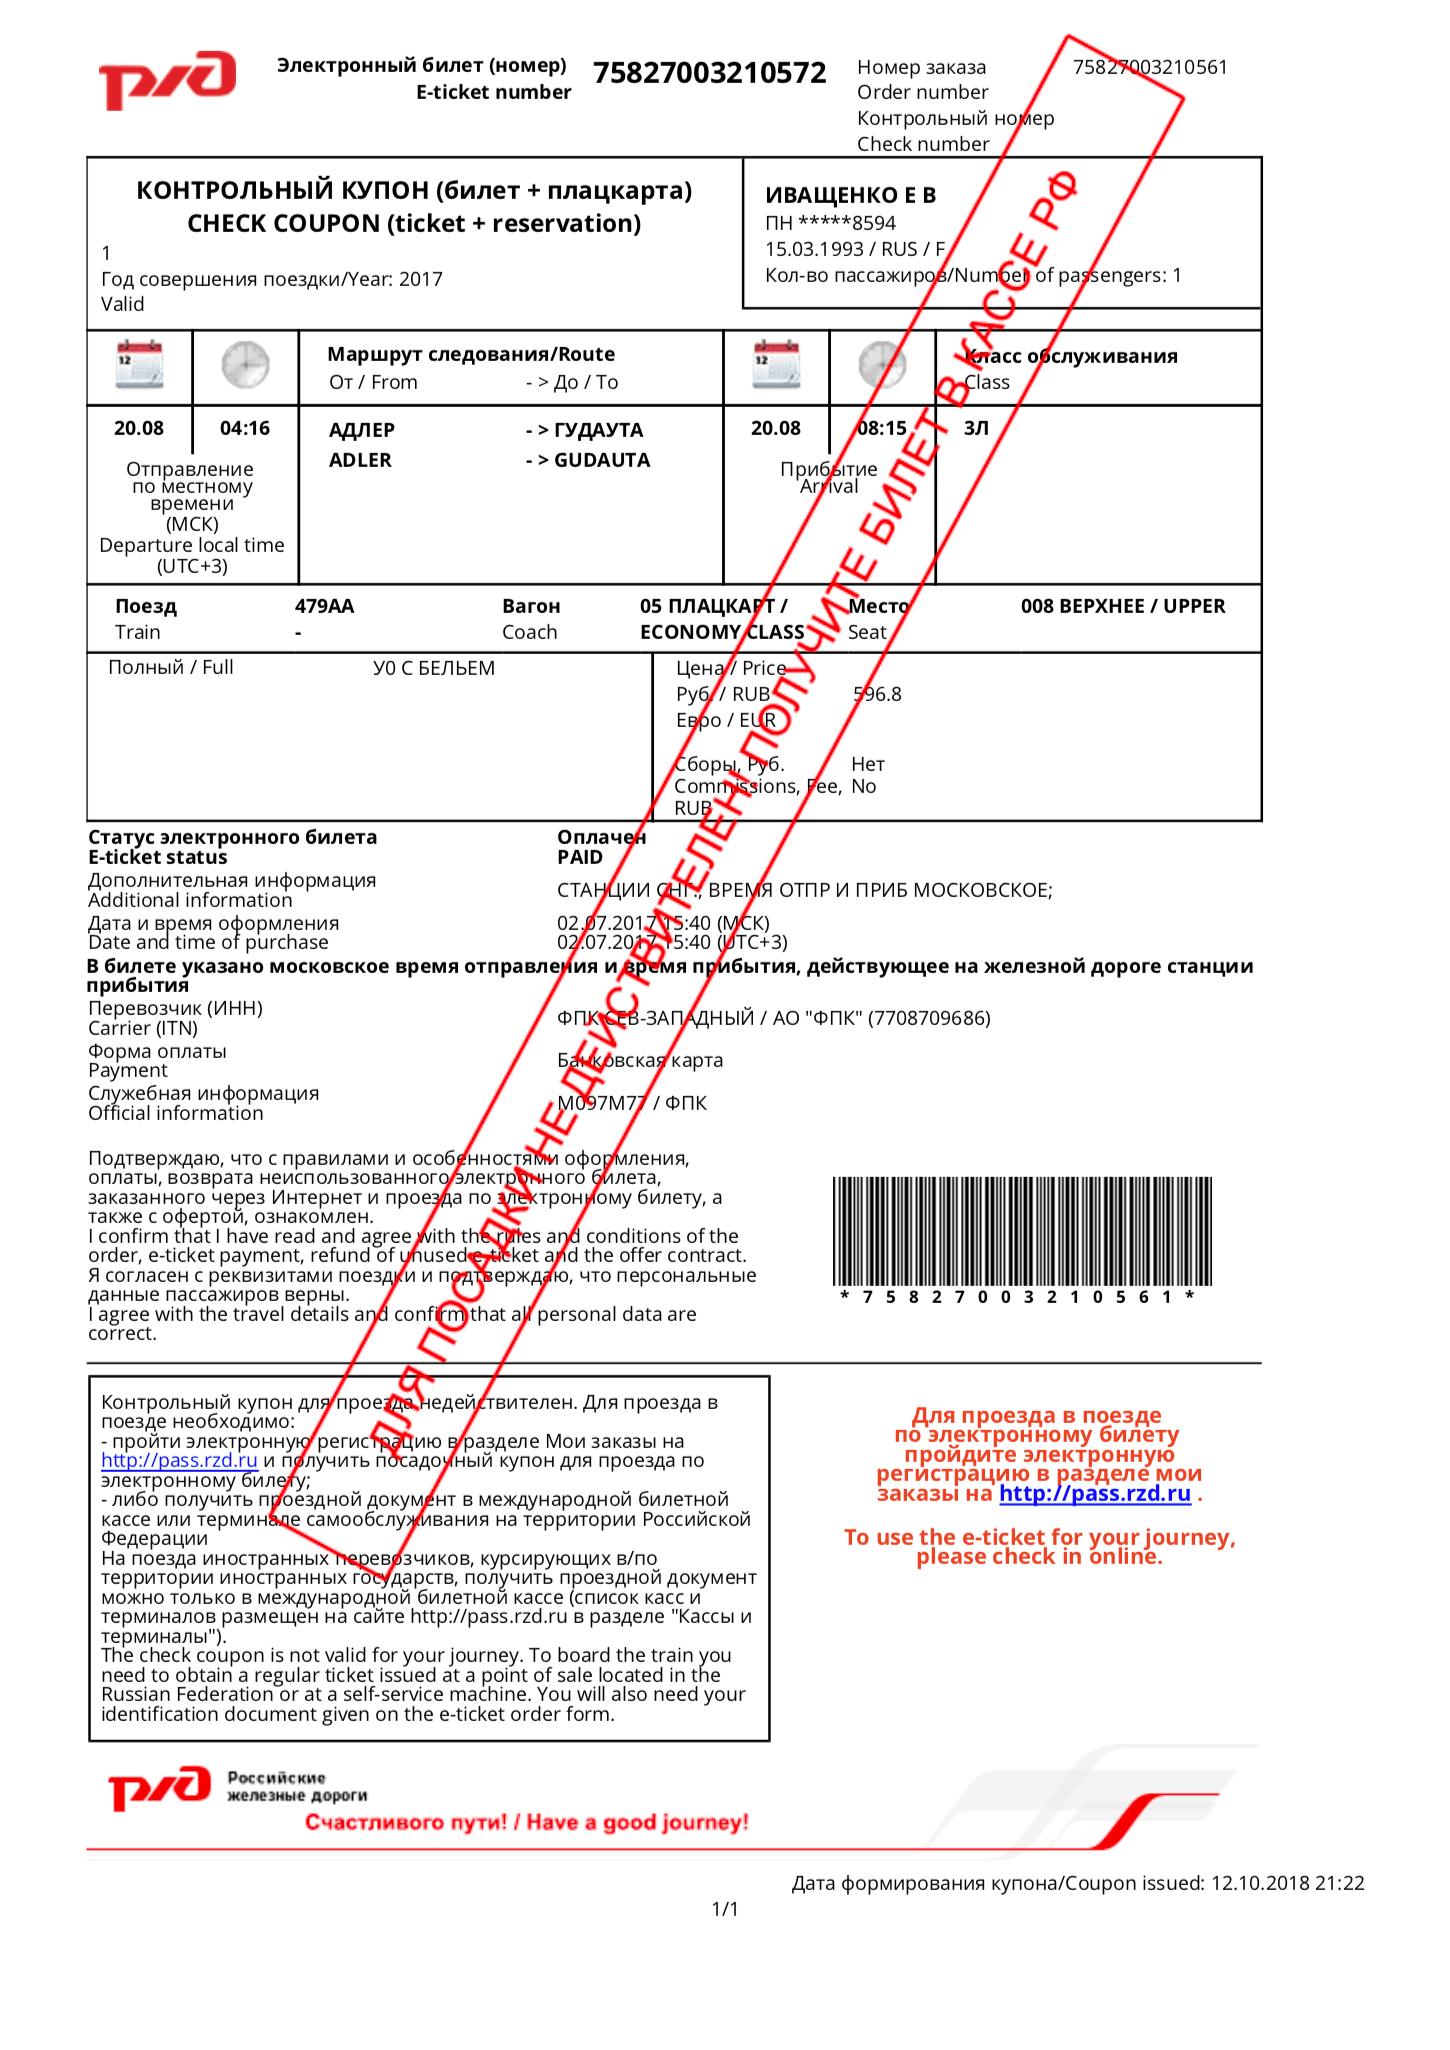 сколько стоит билет в абхазию